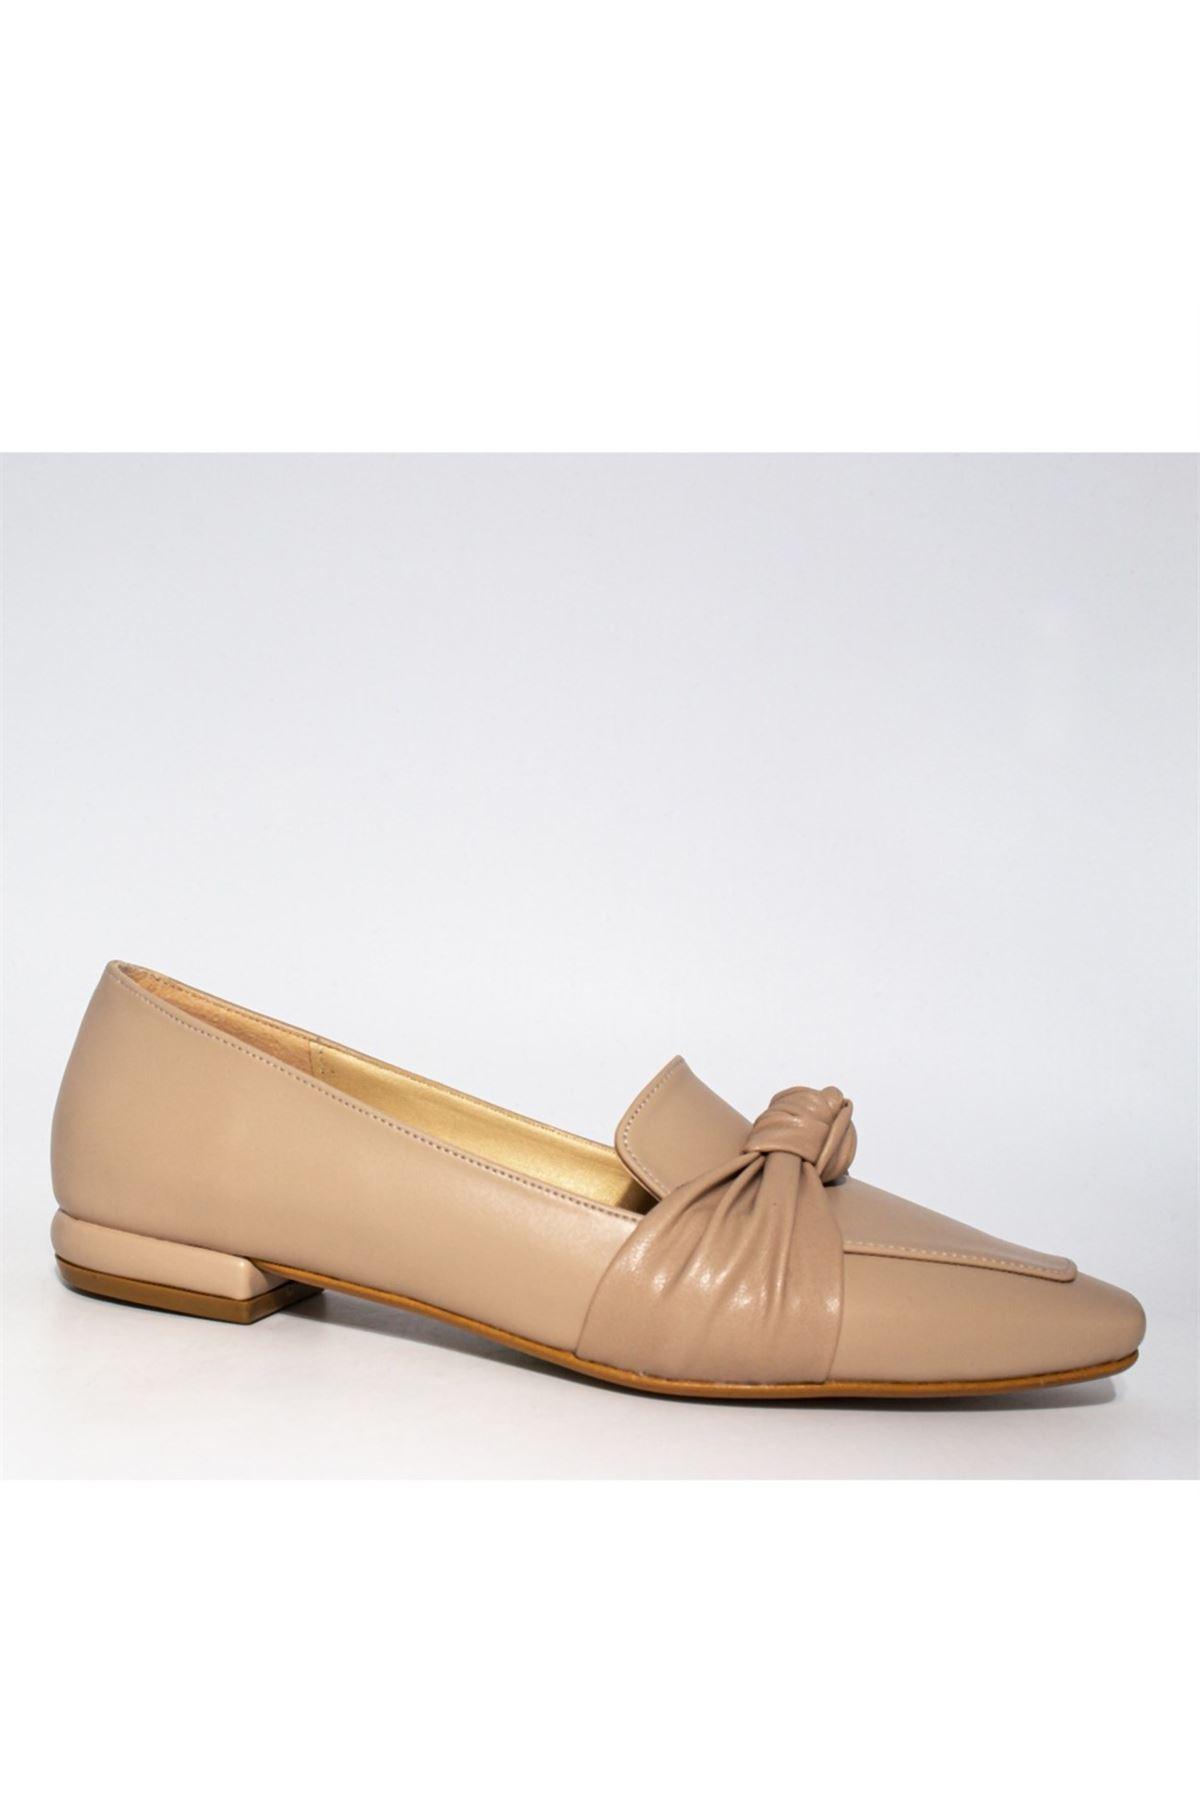 Kadın Önden Düğümlü Loafer Ayakkabı - Ten